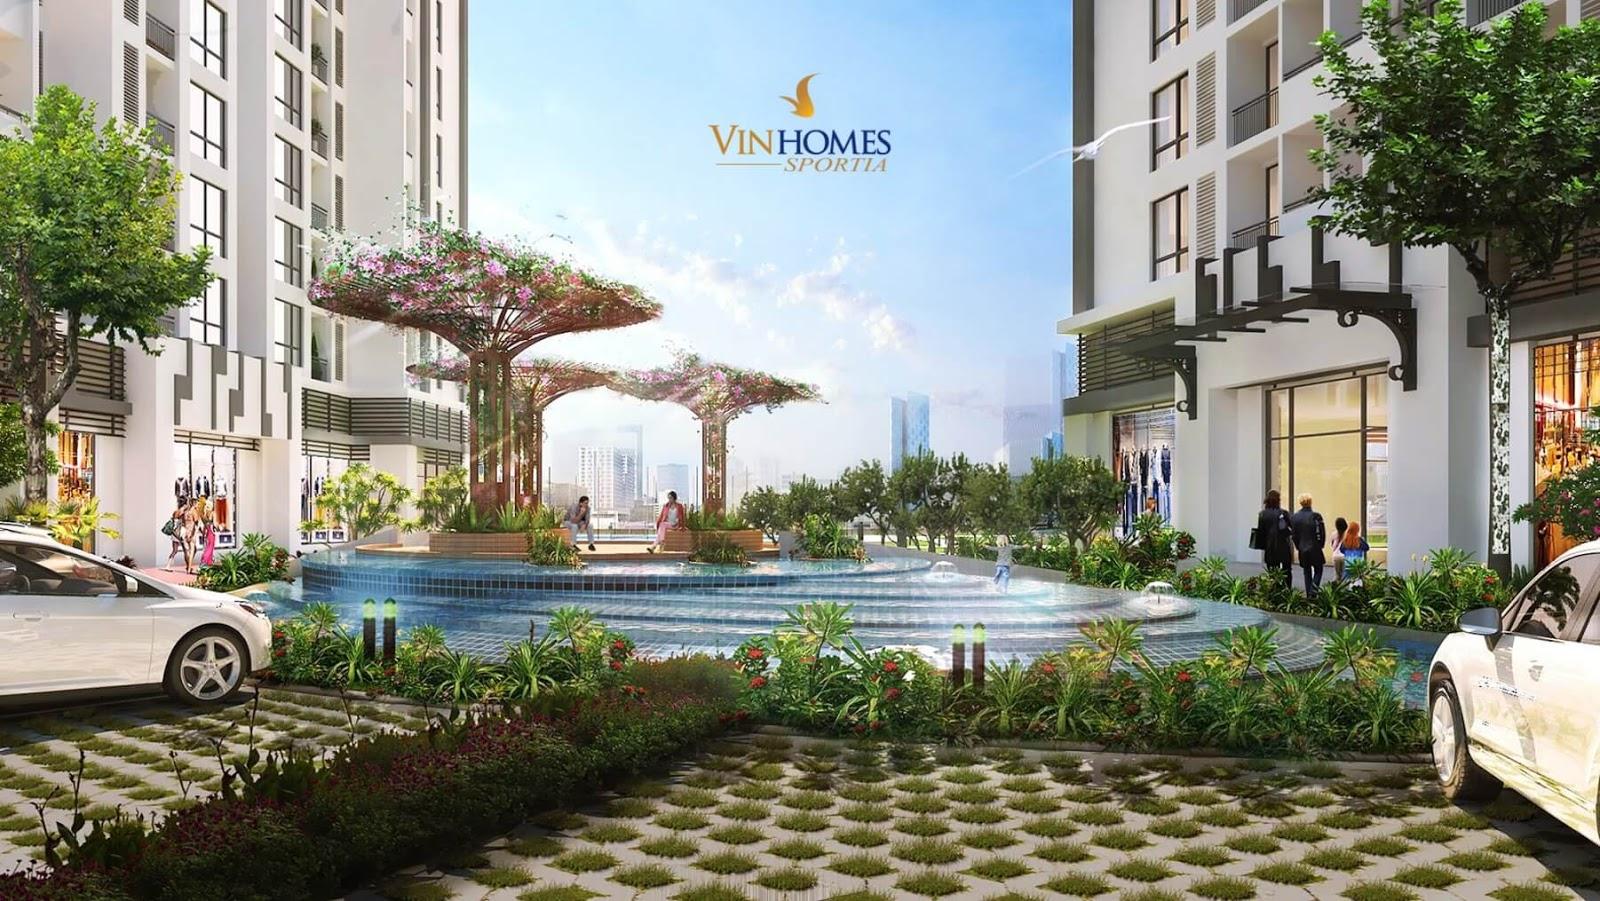 Không gian xung quanh chung cư Vinhomes Sportia